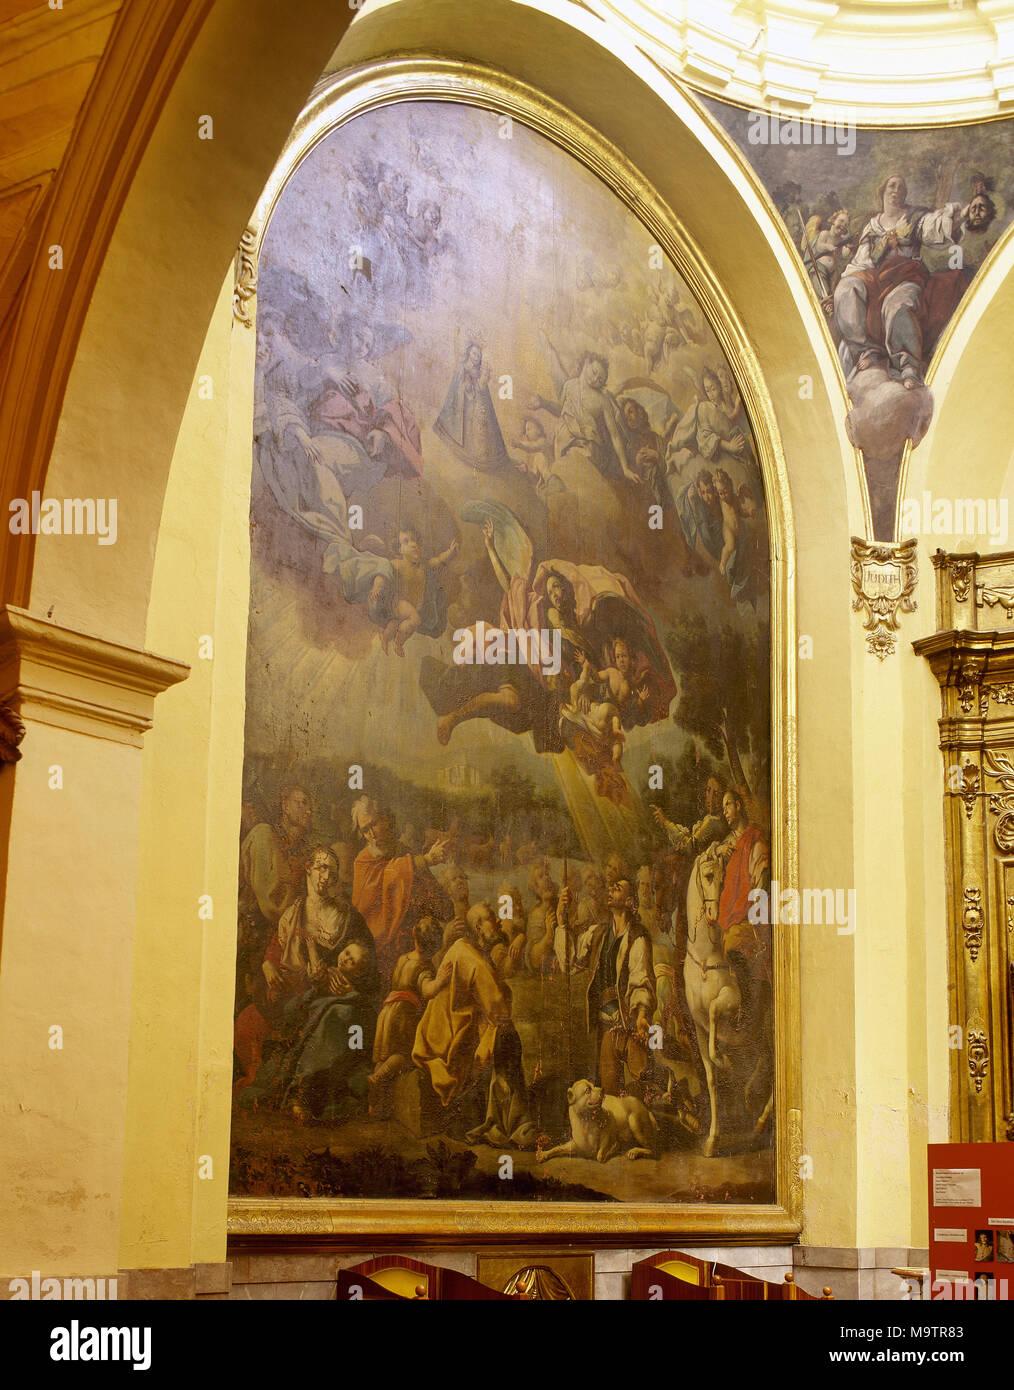 Apparition de Notre Dame de Saragosse la Vieja ,1750. Par le peintre baroque espagnol Jose Luzan (1710-1785). Église de San Miguel de los Navarros. Zaragoza, Aragon, Espagne. Photo Stock